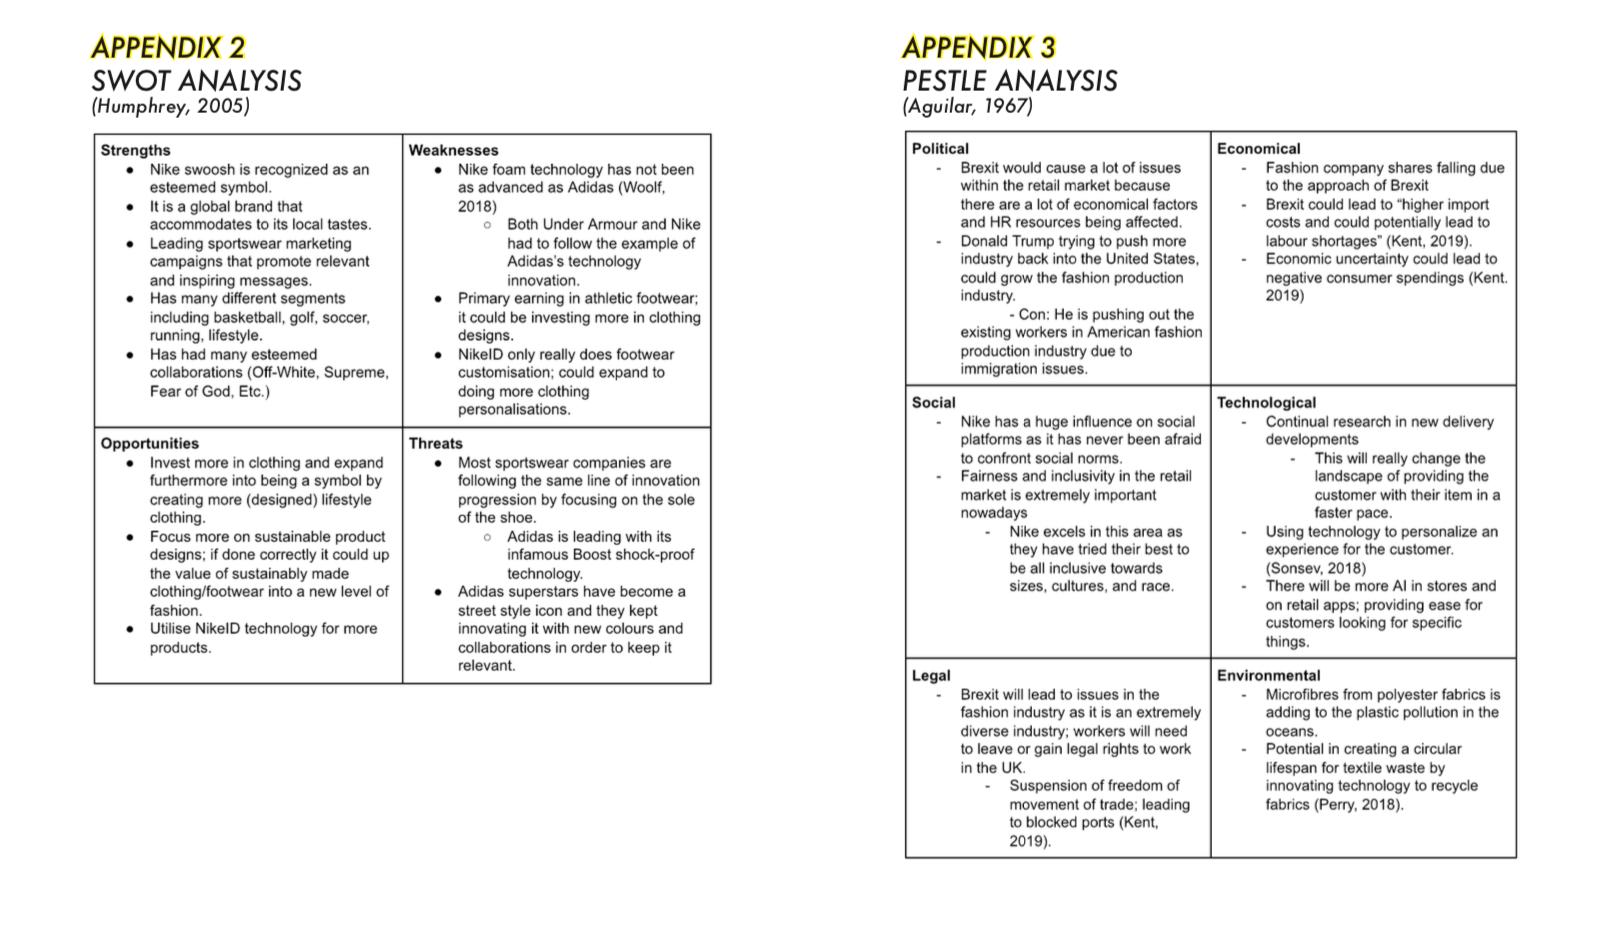 Appendix 2 & 3